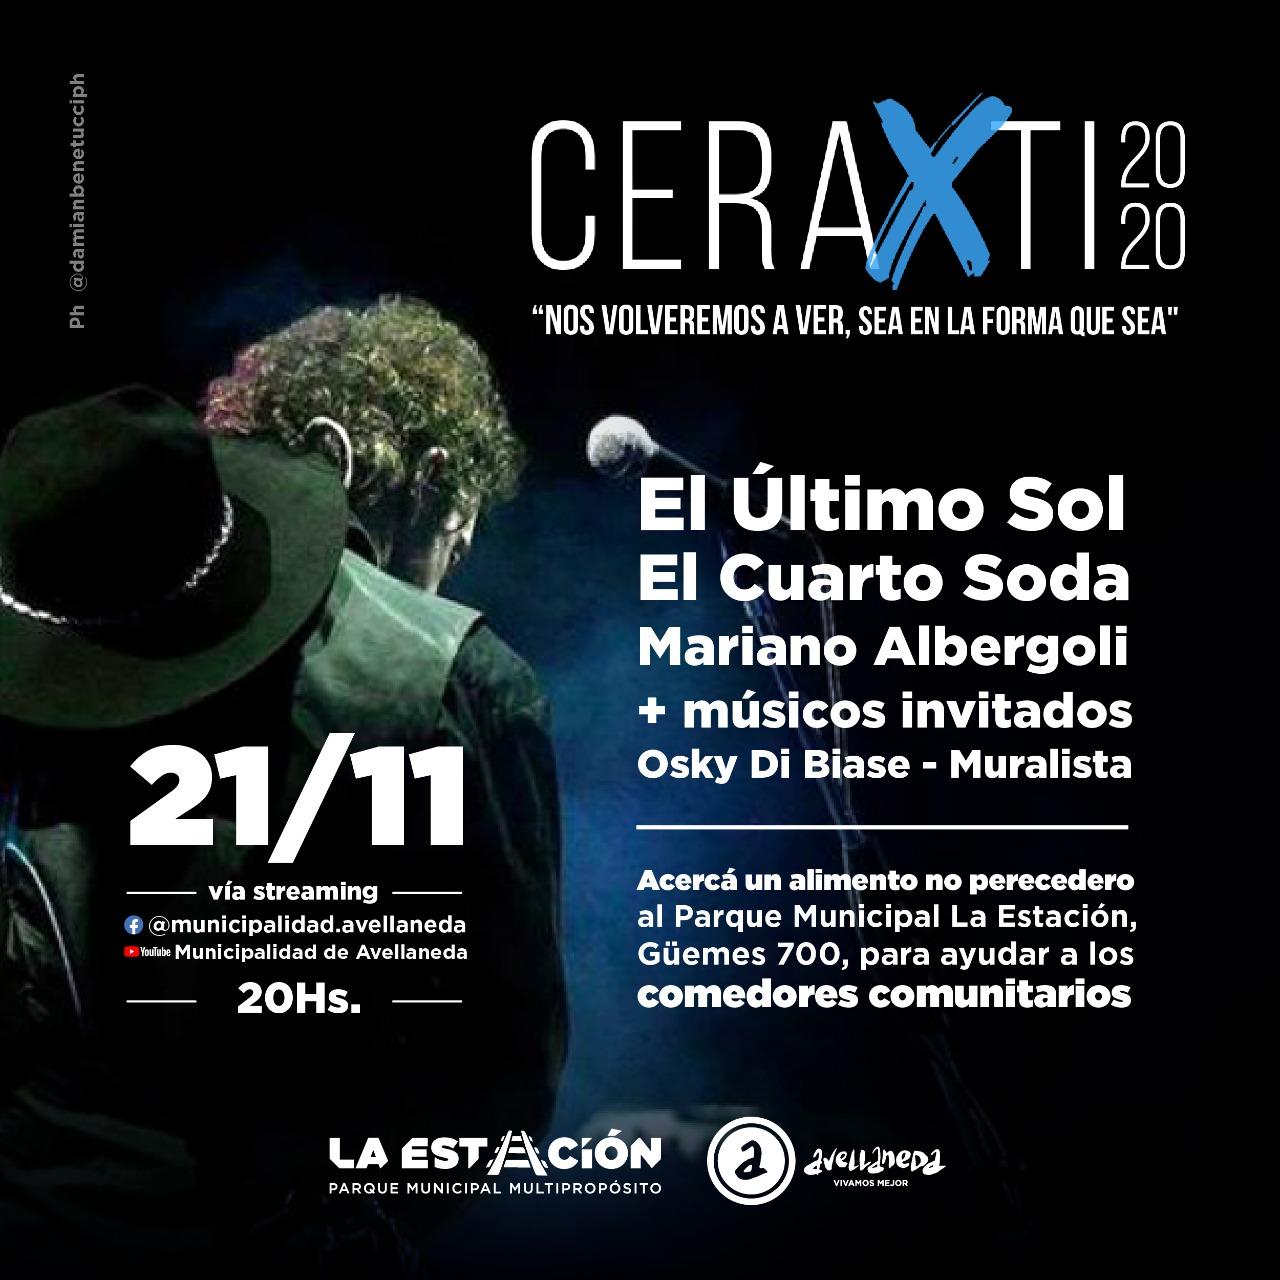 Festival solidario vía streaming «CERAXTI 2020»